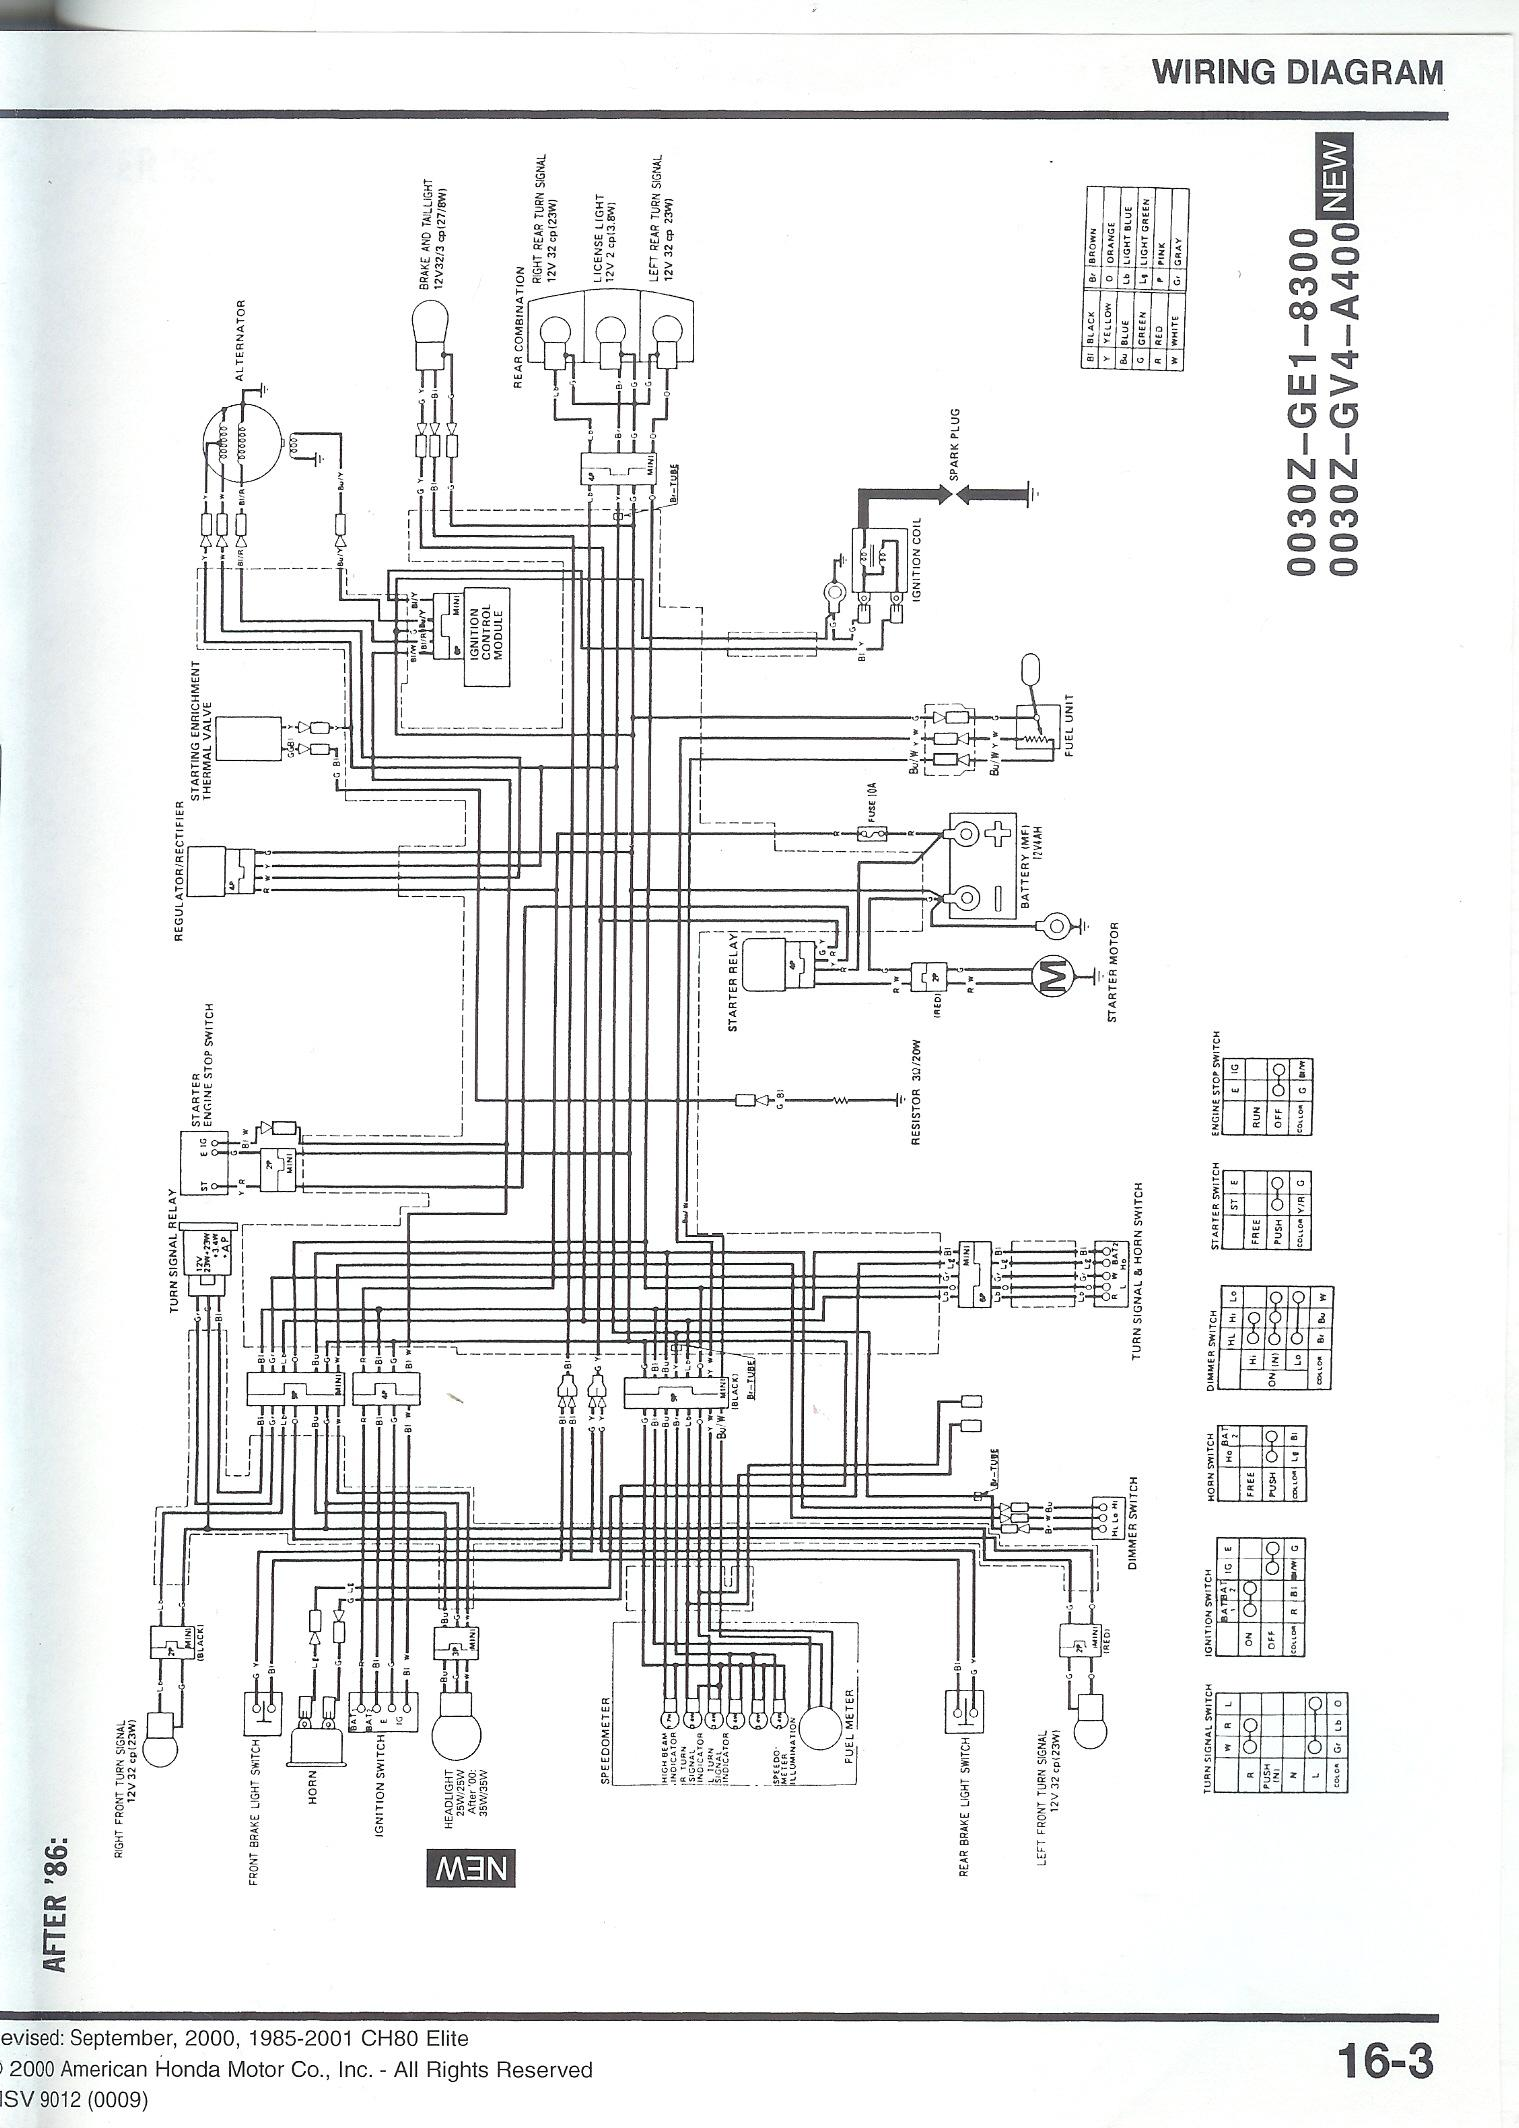 atc wiring diagram auto electrical wiring diagram rh sakanoueno me honda  elite 80 wiring diagram 1987